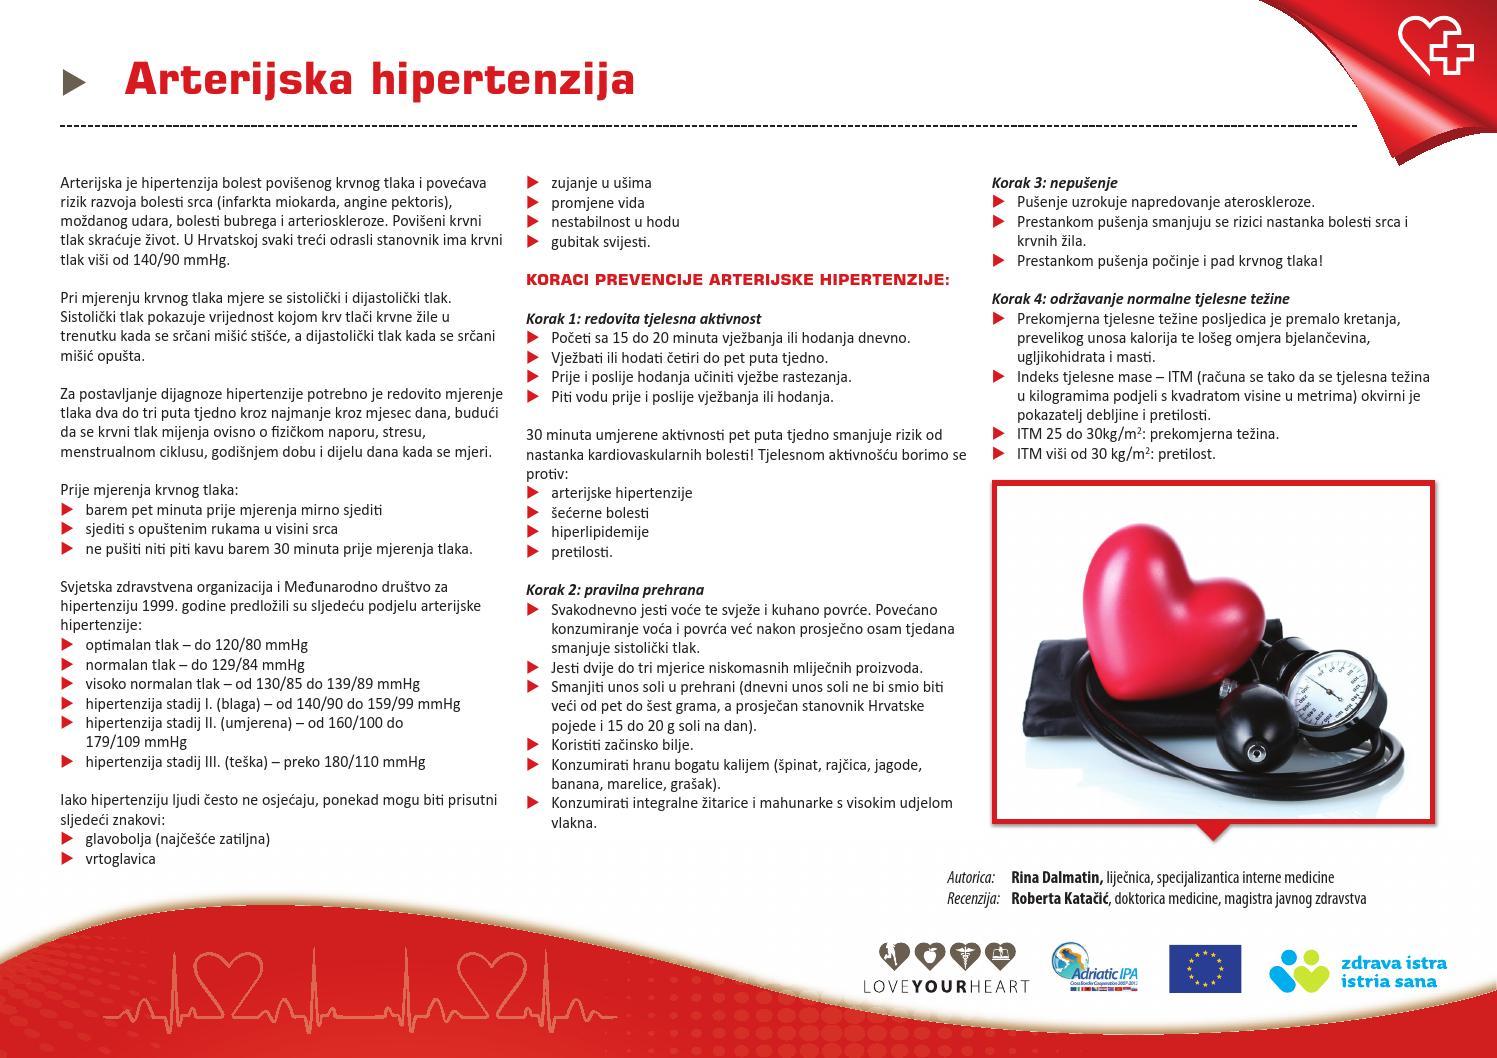 lijekovi za visoki krvni tlak i cijena lorista čiste vode za hipertenziju